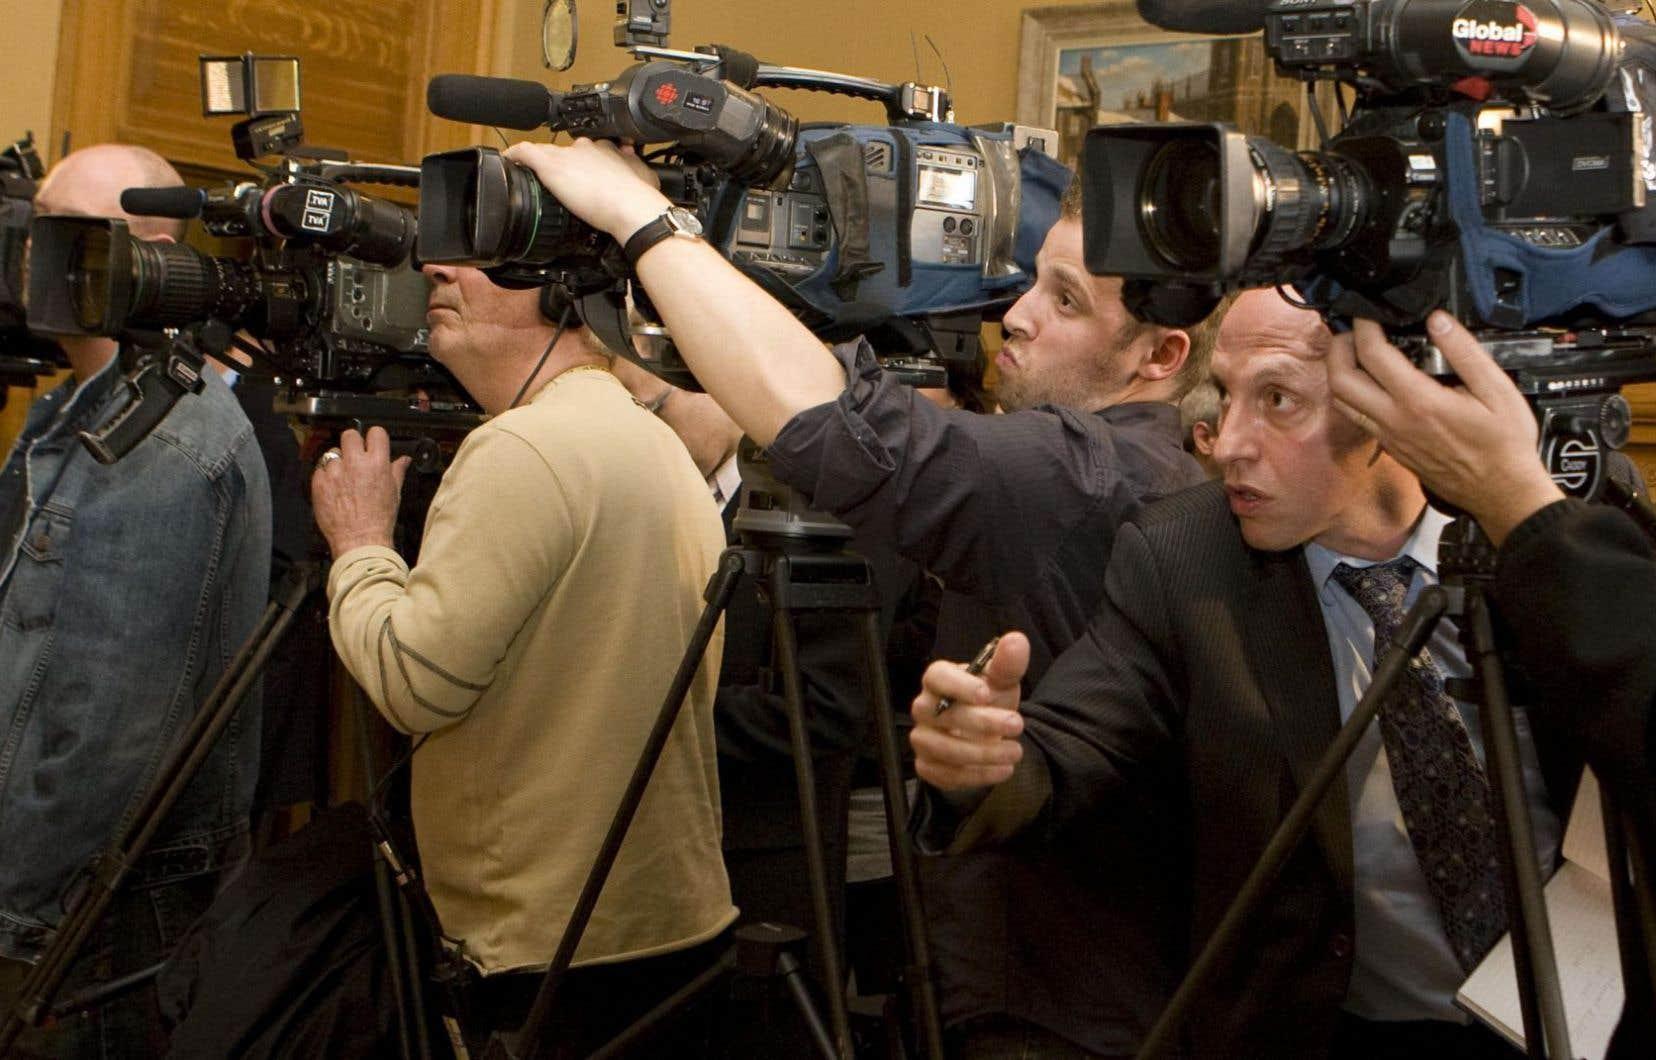 Journalistes et cameramans, alors à l'hôtel de ville de Montréal. «Si tu vas en journalisme politique, il faudra travailler fort pour être égale», prévient Armande Saint-Jean en s'adressant à une jeune journaliste.